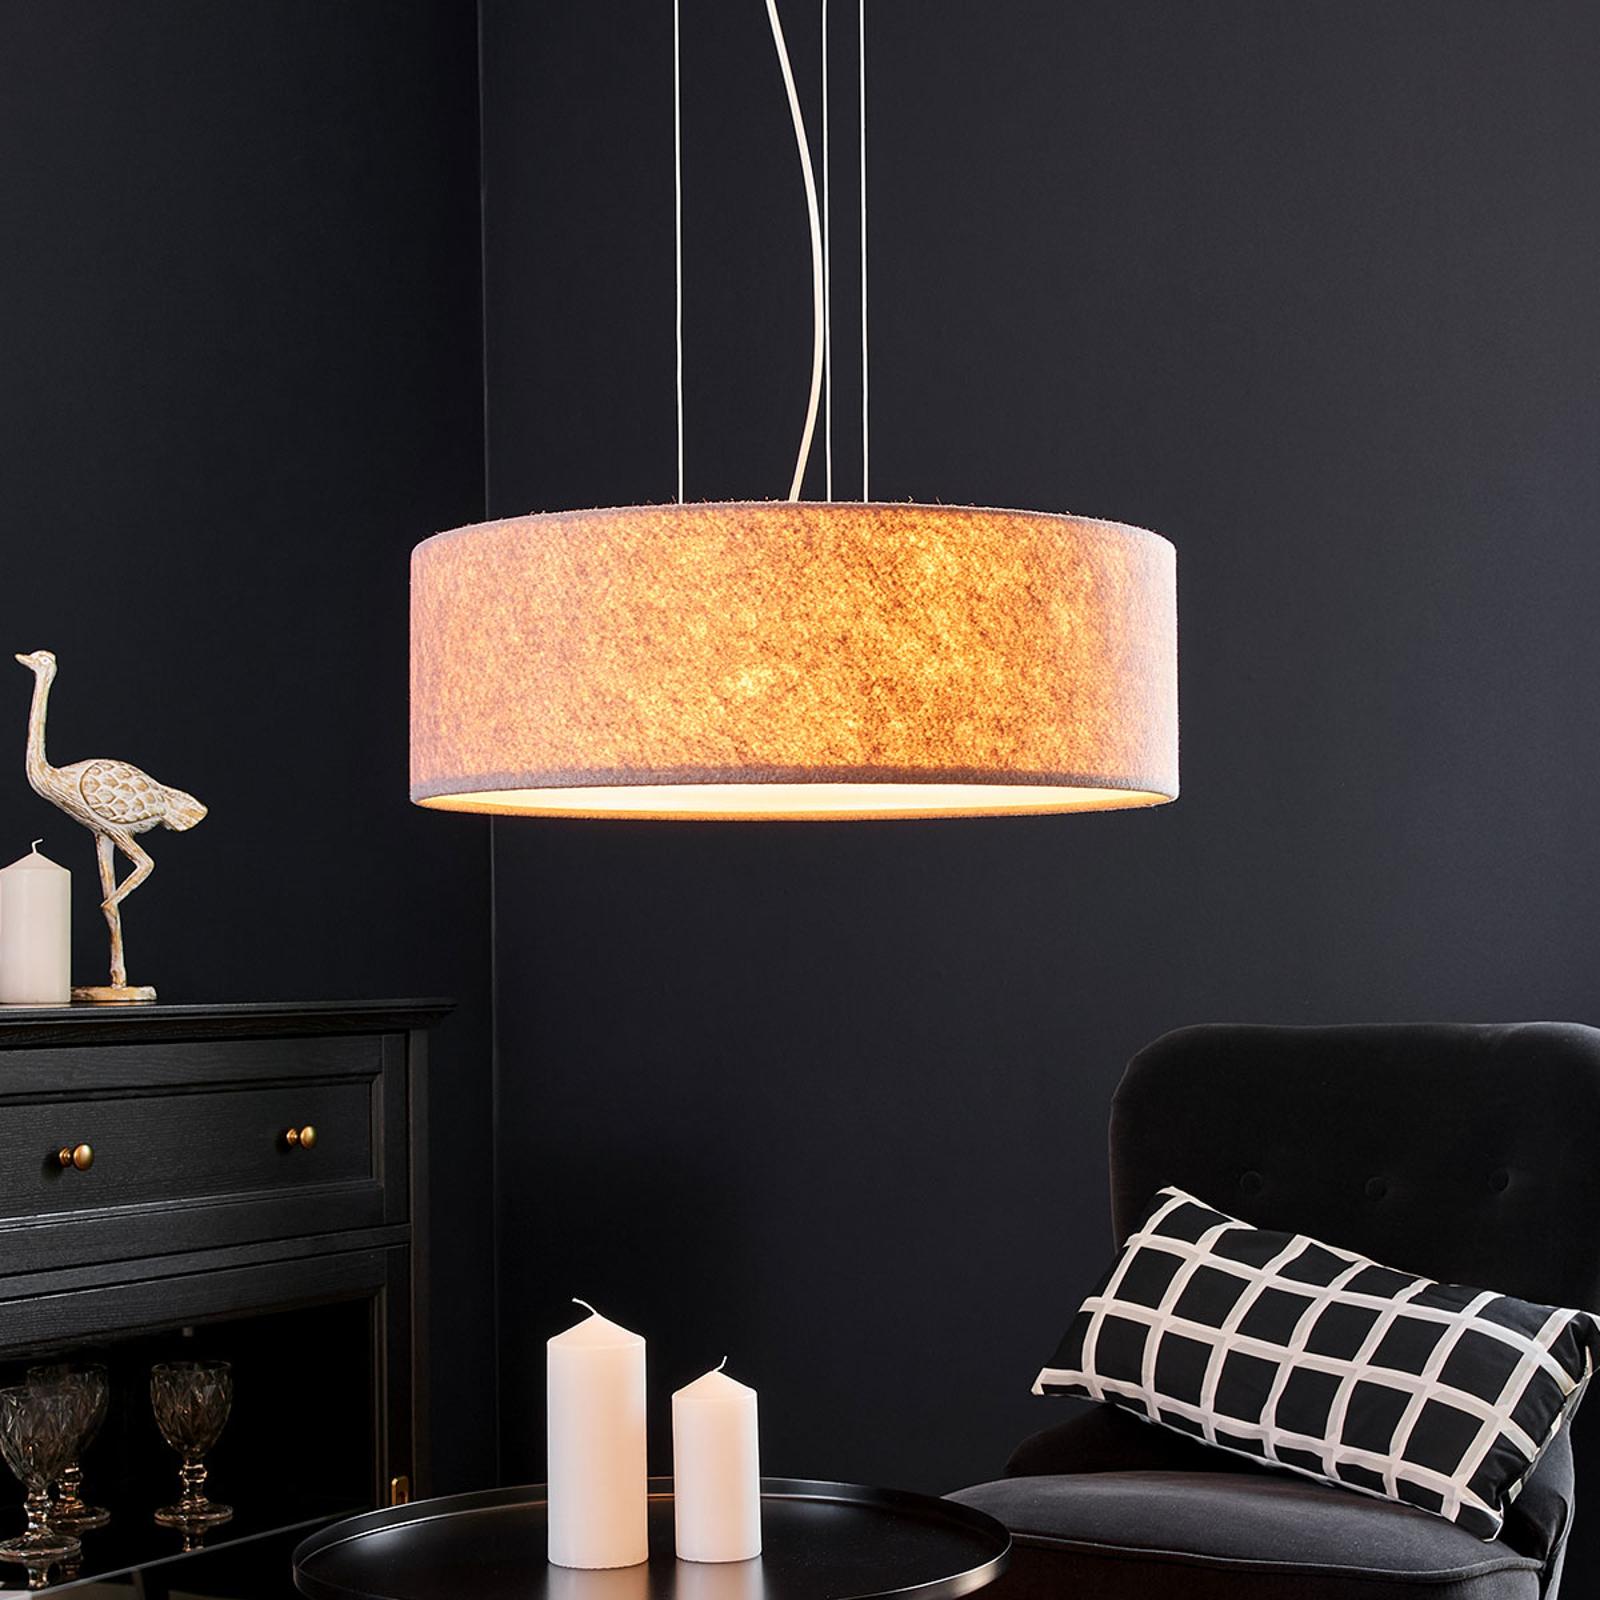 Lampa wisząca Gala, 50cm, filcowy brązowy beż